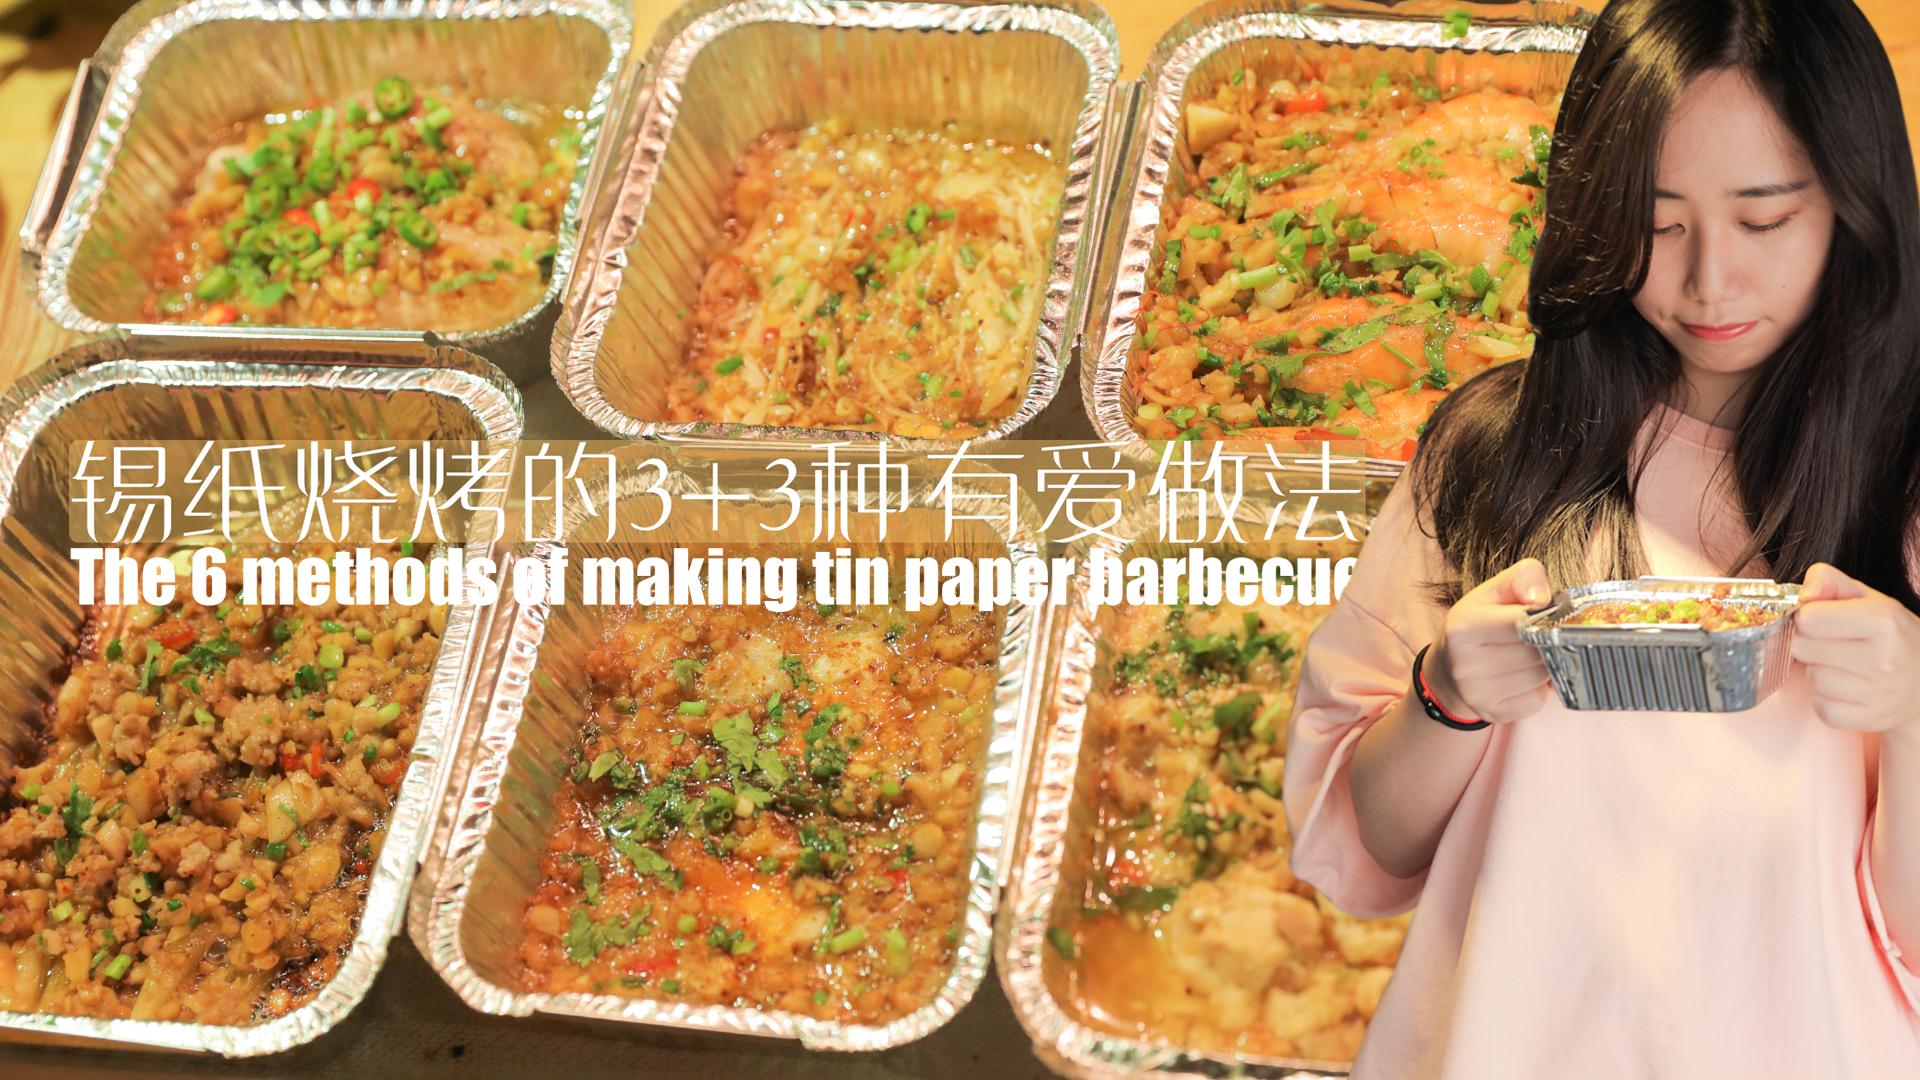 「厨娘物语」150锡纸烧烤的3+3种有爱做法